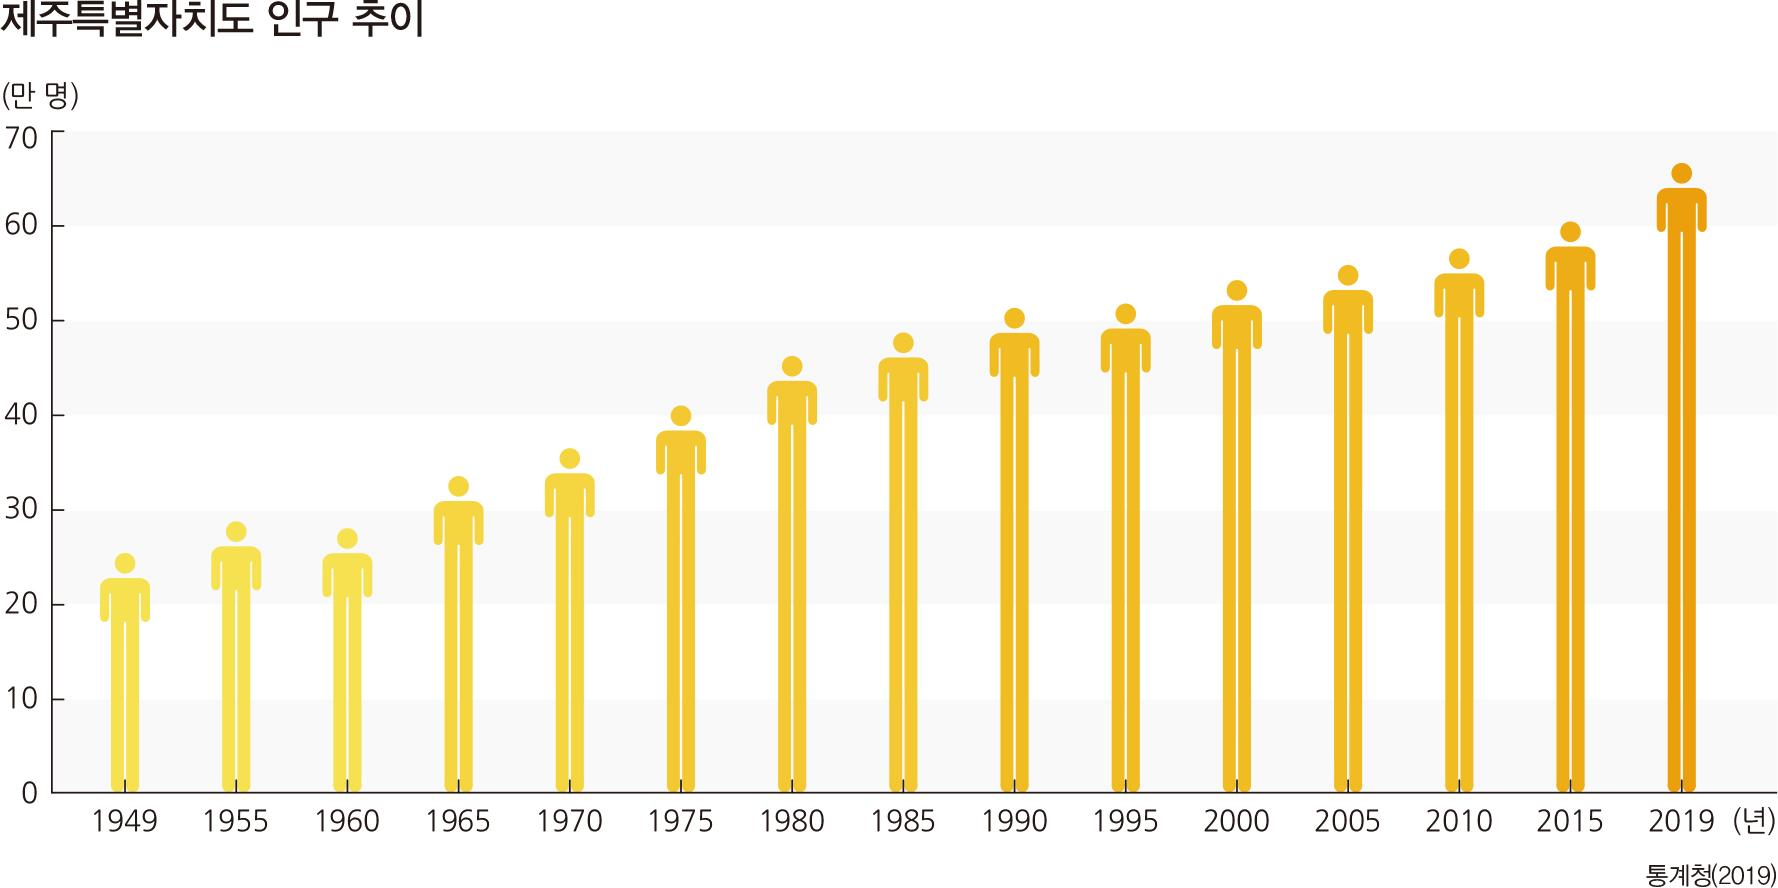 제주특별자치도 인구 추이 2004 2006